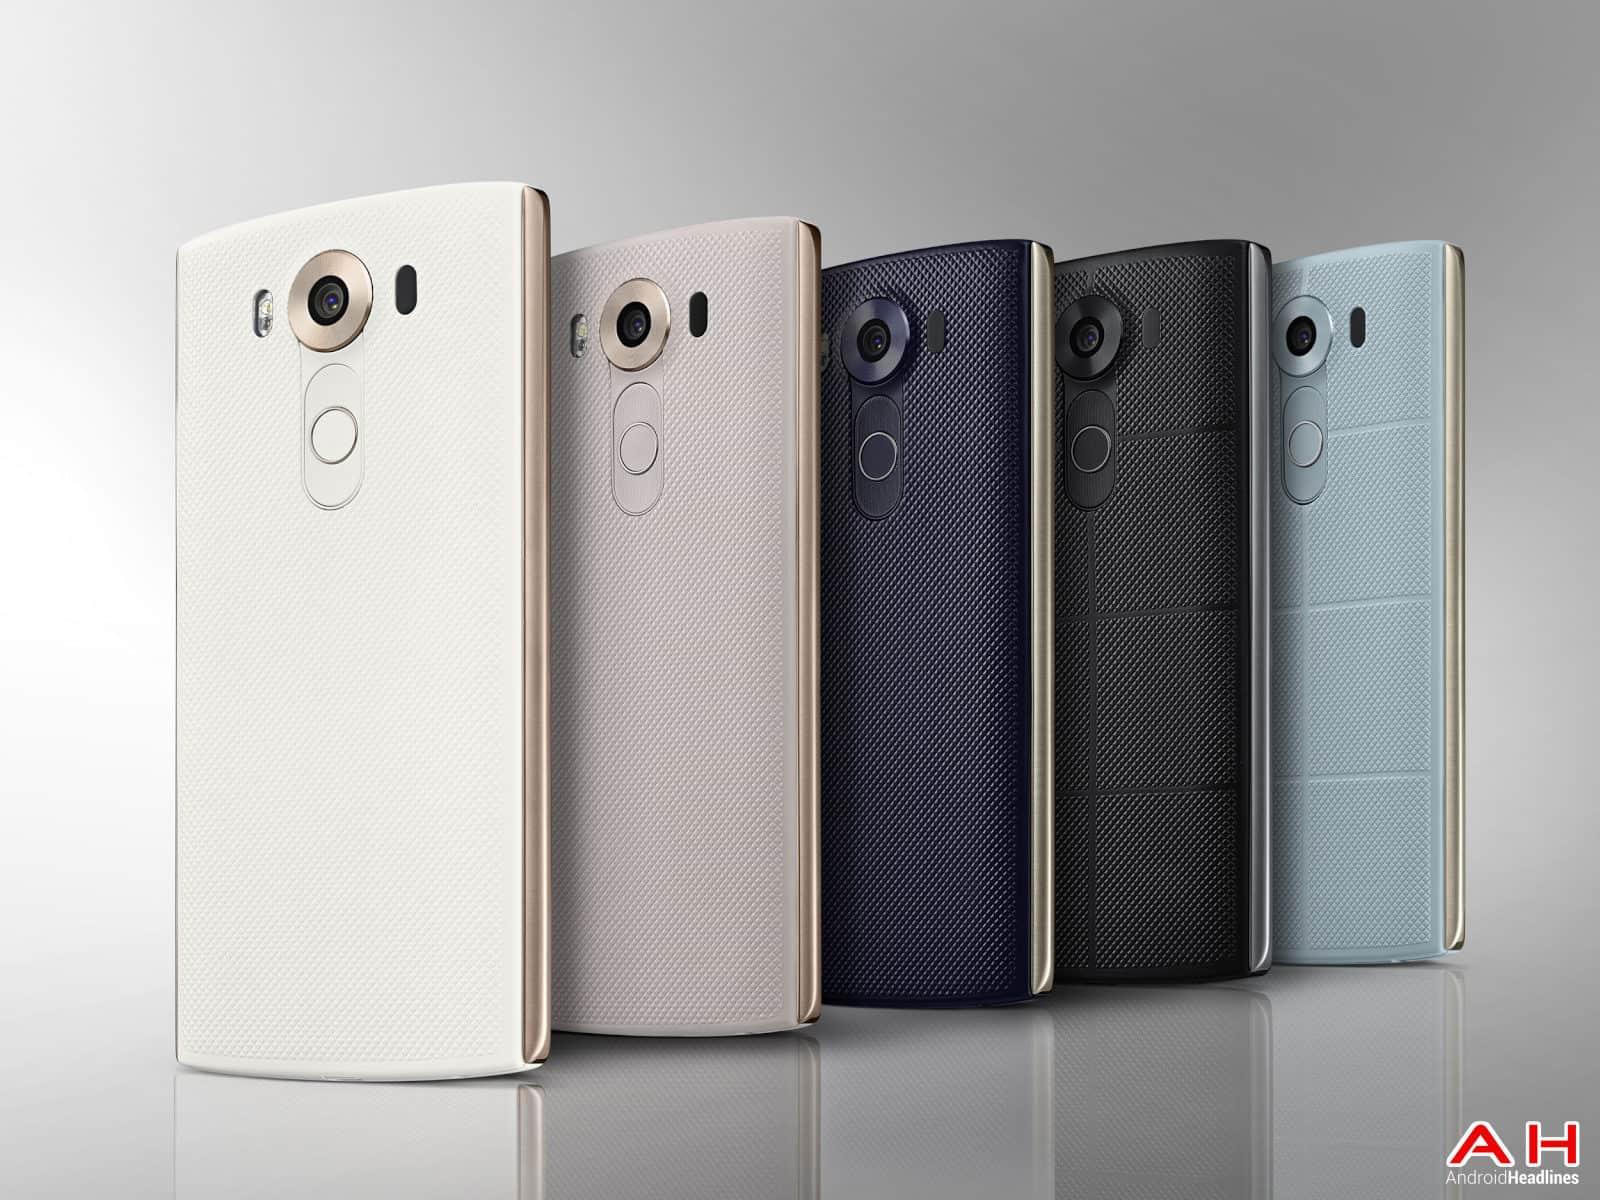 AH LG V10 Smartphone - Press Images-3